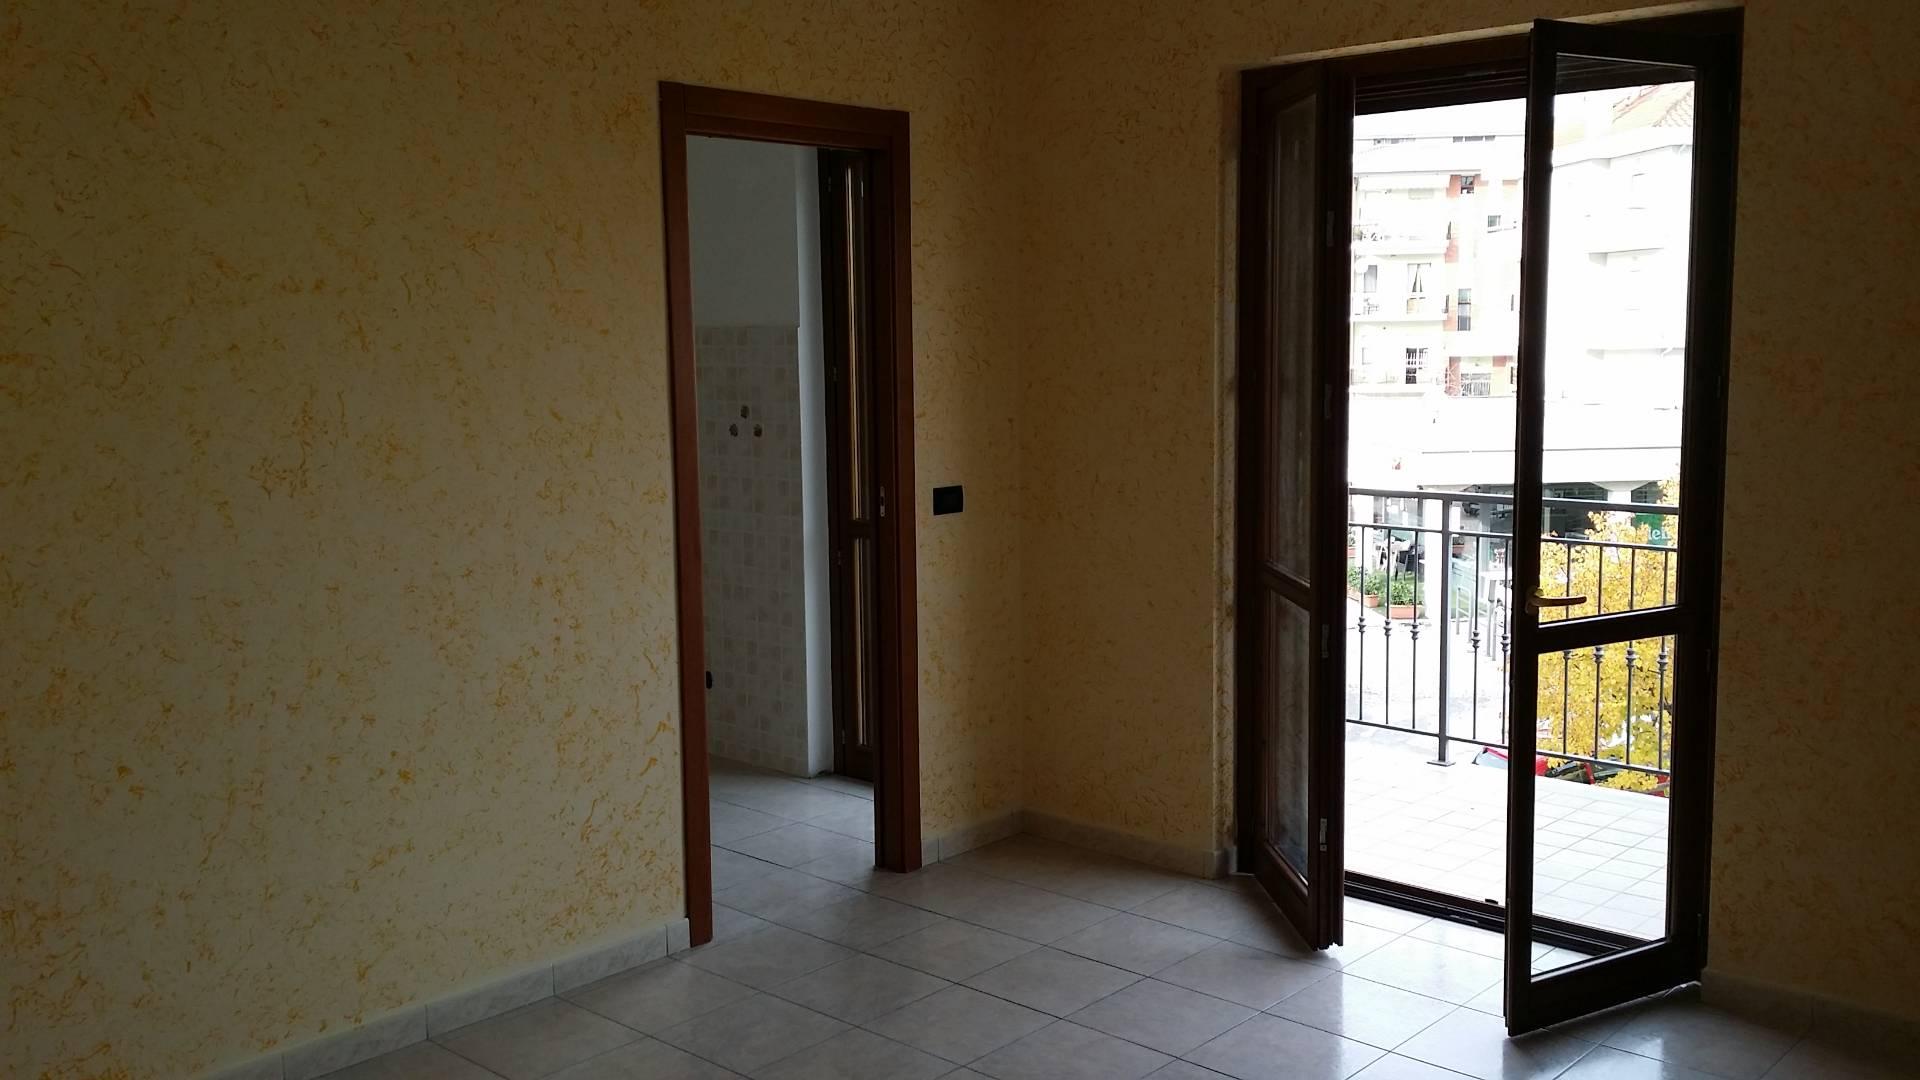 Appartamento in vendita a Ascoli Piceno, 5 locali, zona Località: PoggiodiBretta, prezzo € 110.000 | Cambio Casa.it